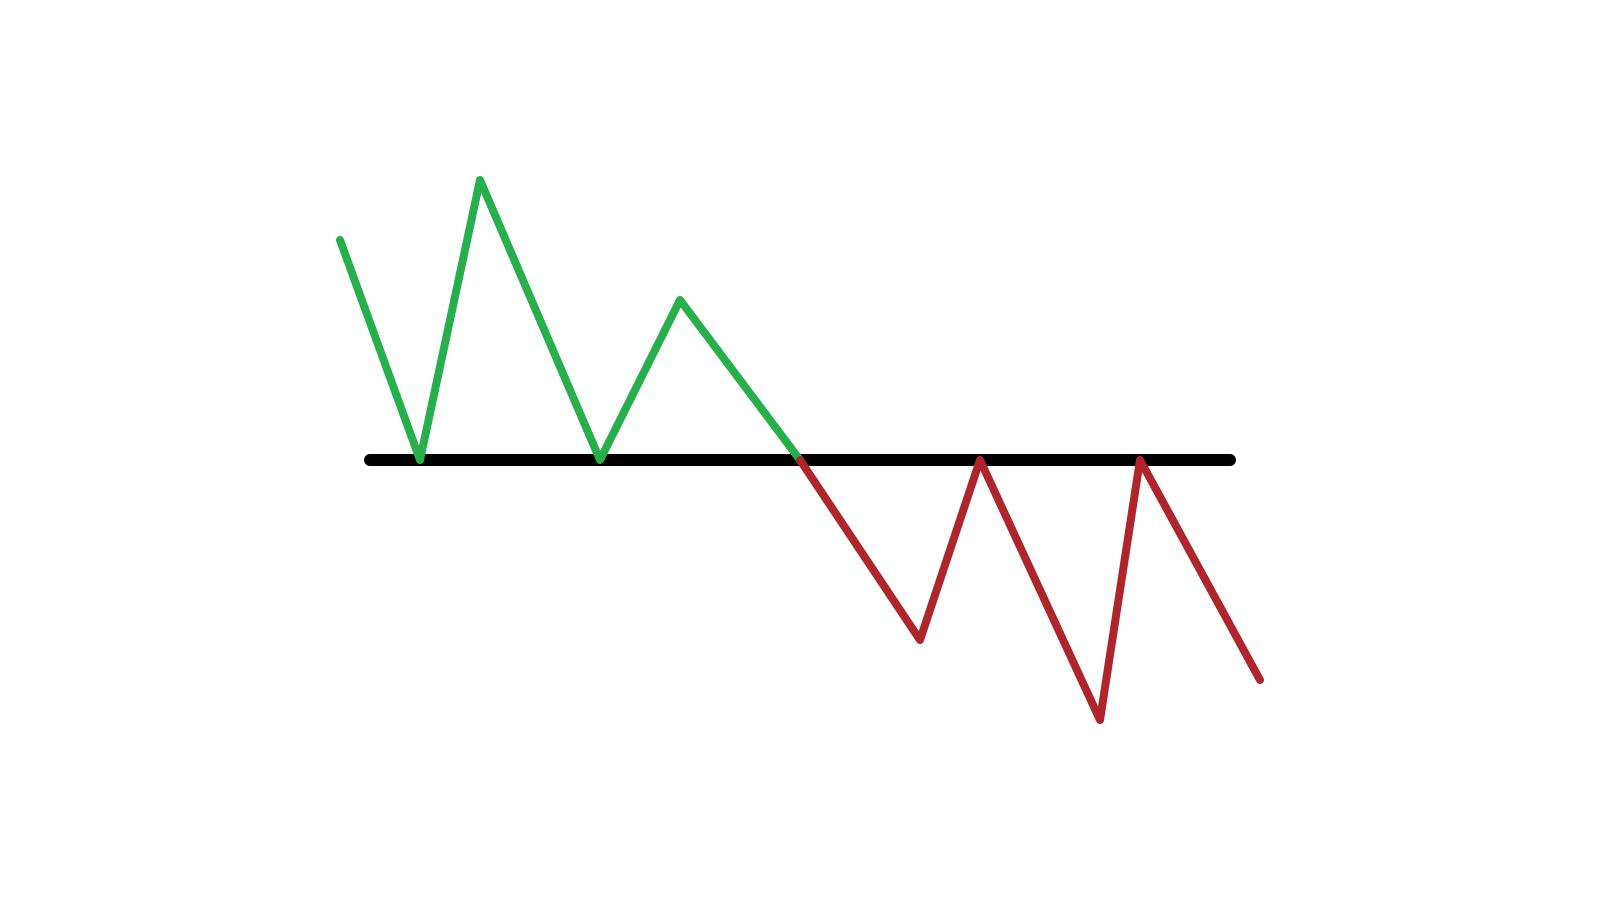 Guia para identificar quando o preço deseja escapar do suporte / resistência no IQ Option e as ações a serem tomadas